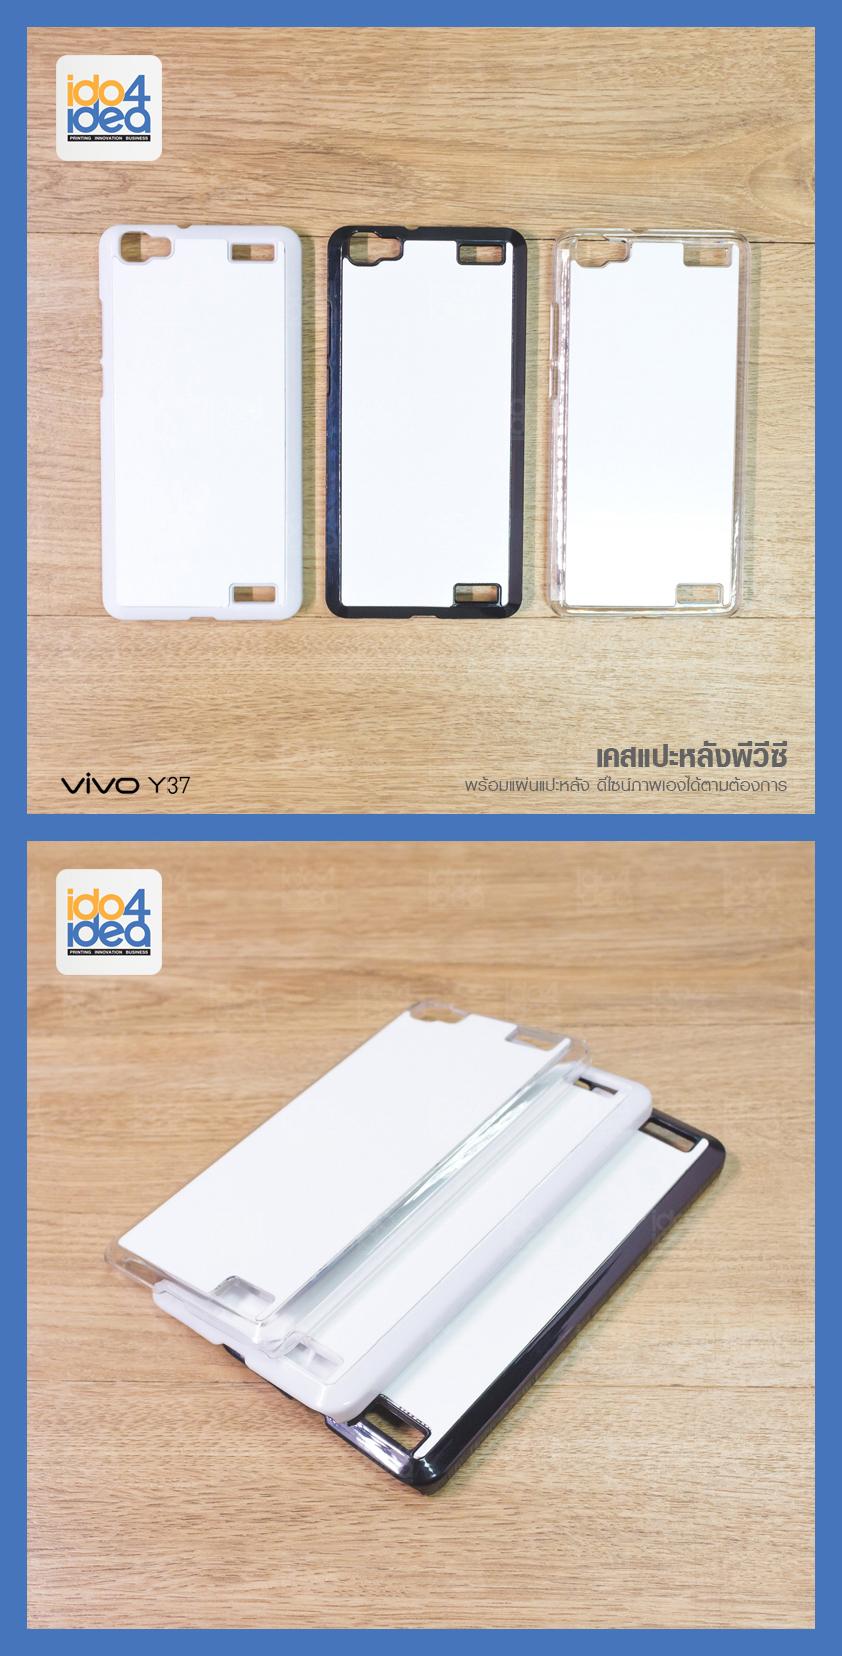 เคสพิมพ์ภาพ VIVO Y37 PVC เนื้อมันเงา